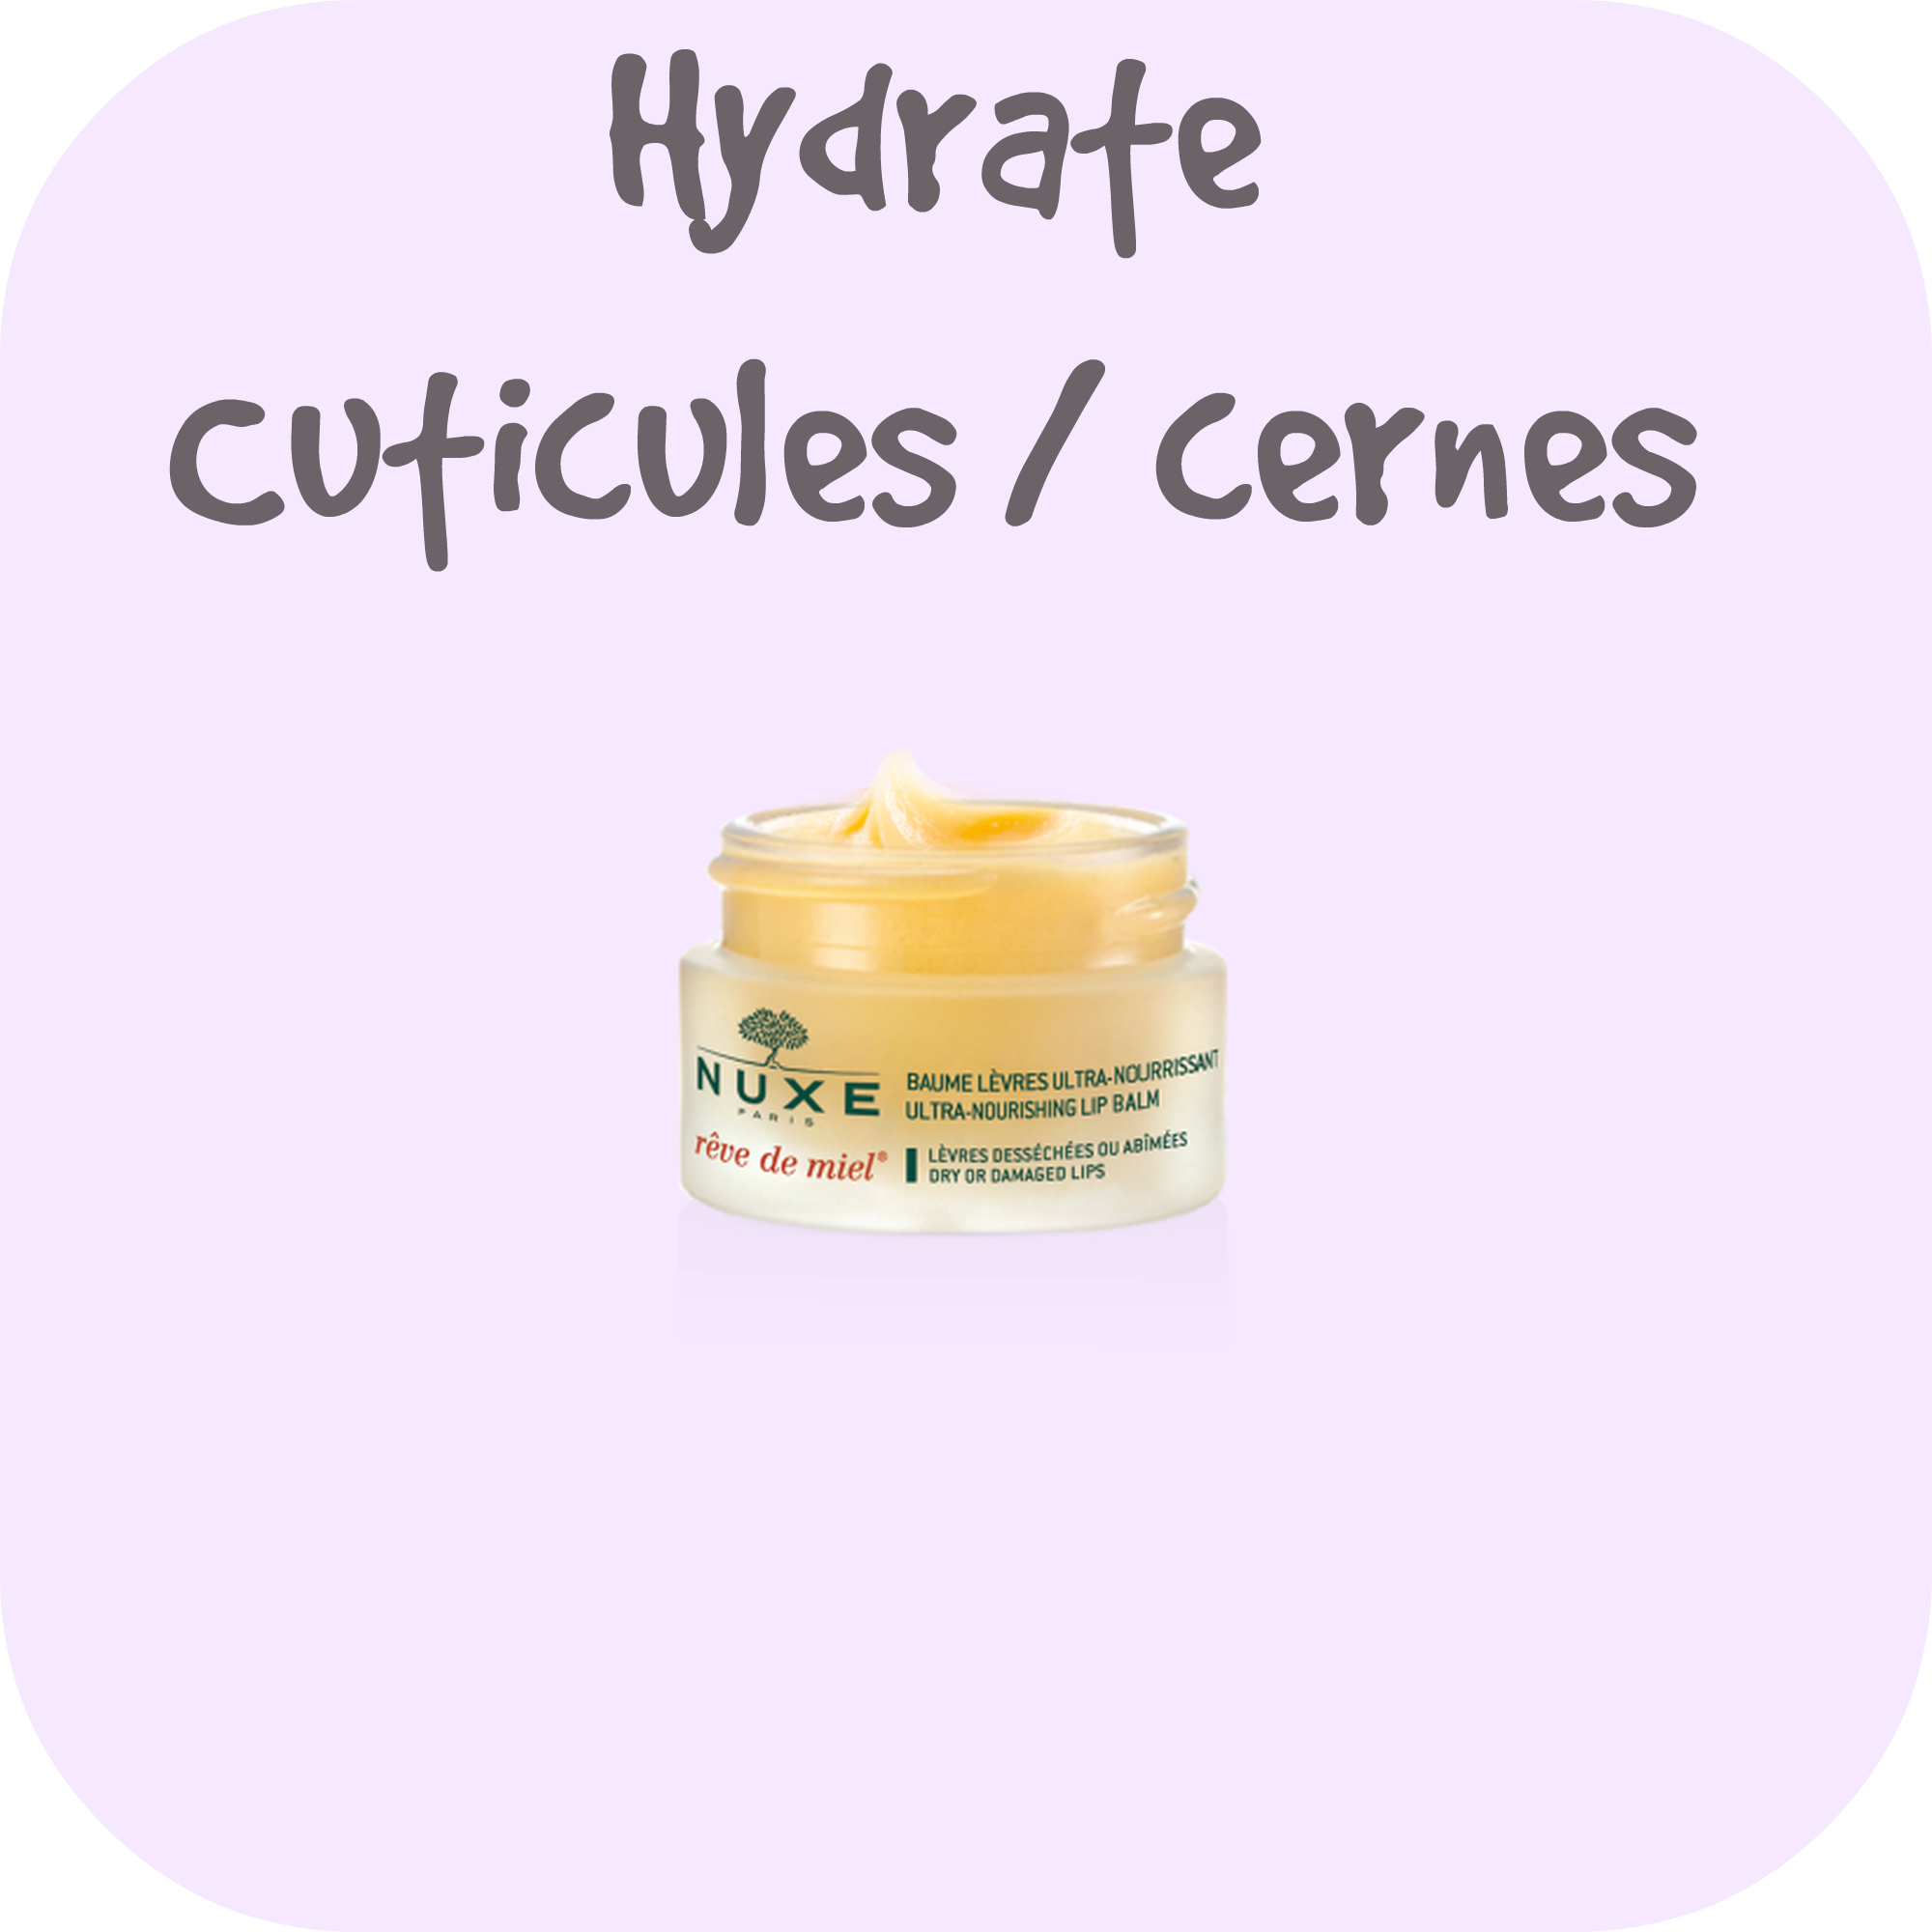 hydrate cuticules